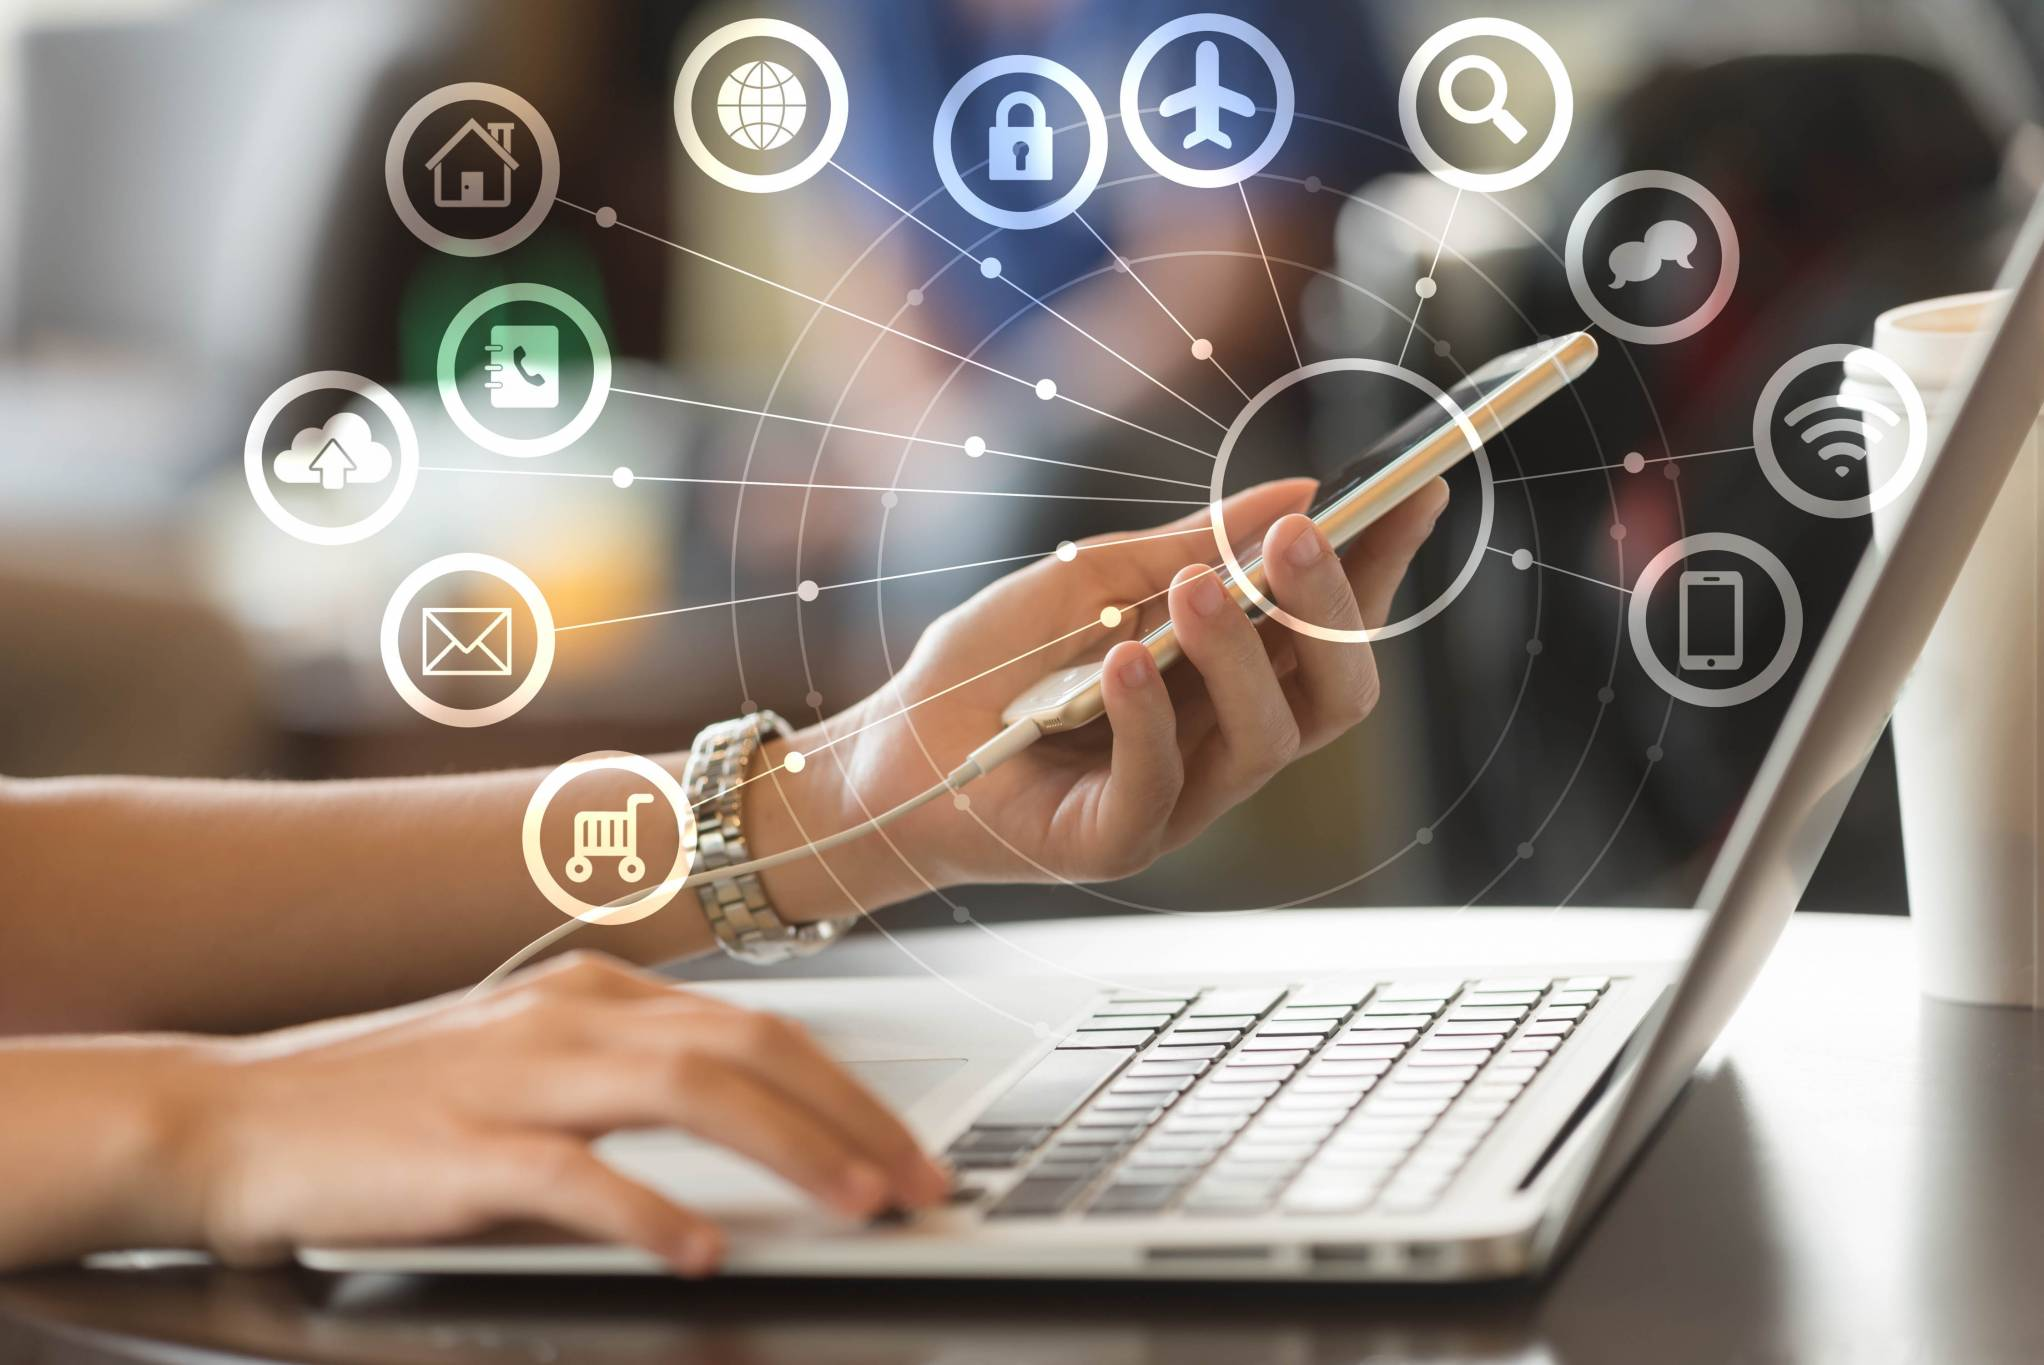 Internet : la hausse du trafic met le réseau sous pression